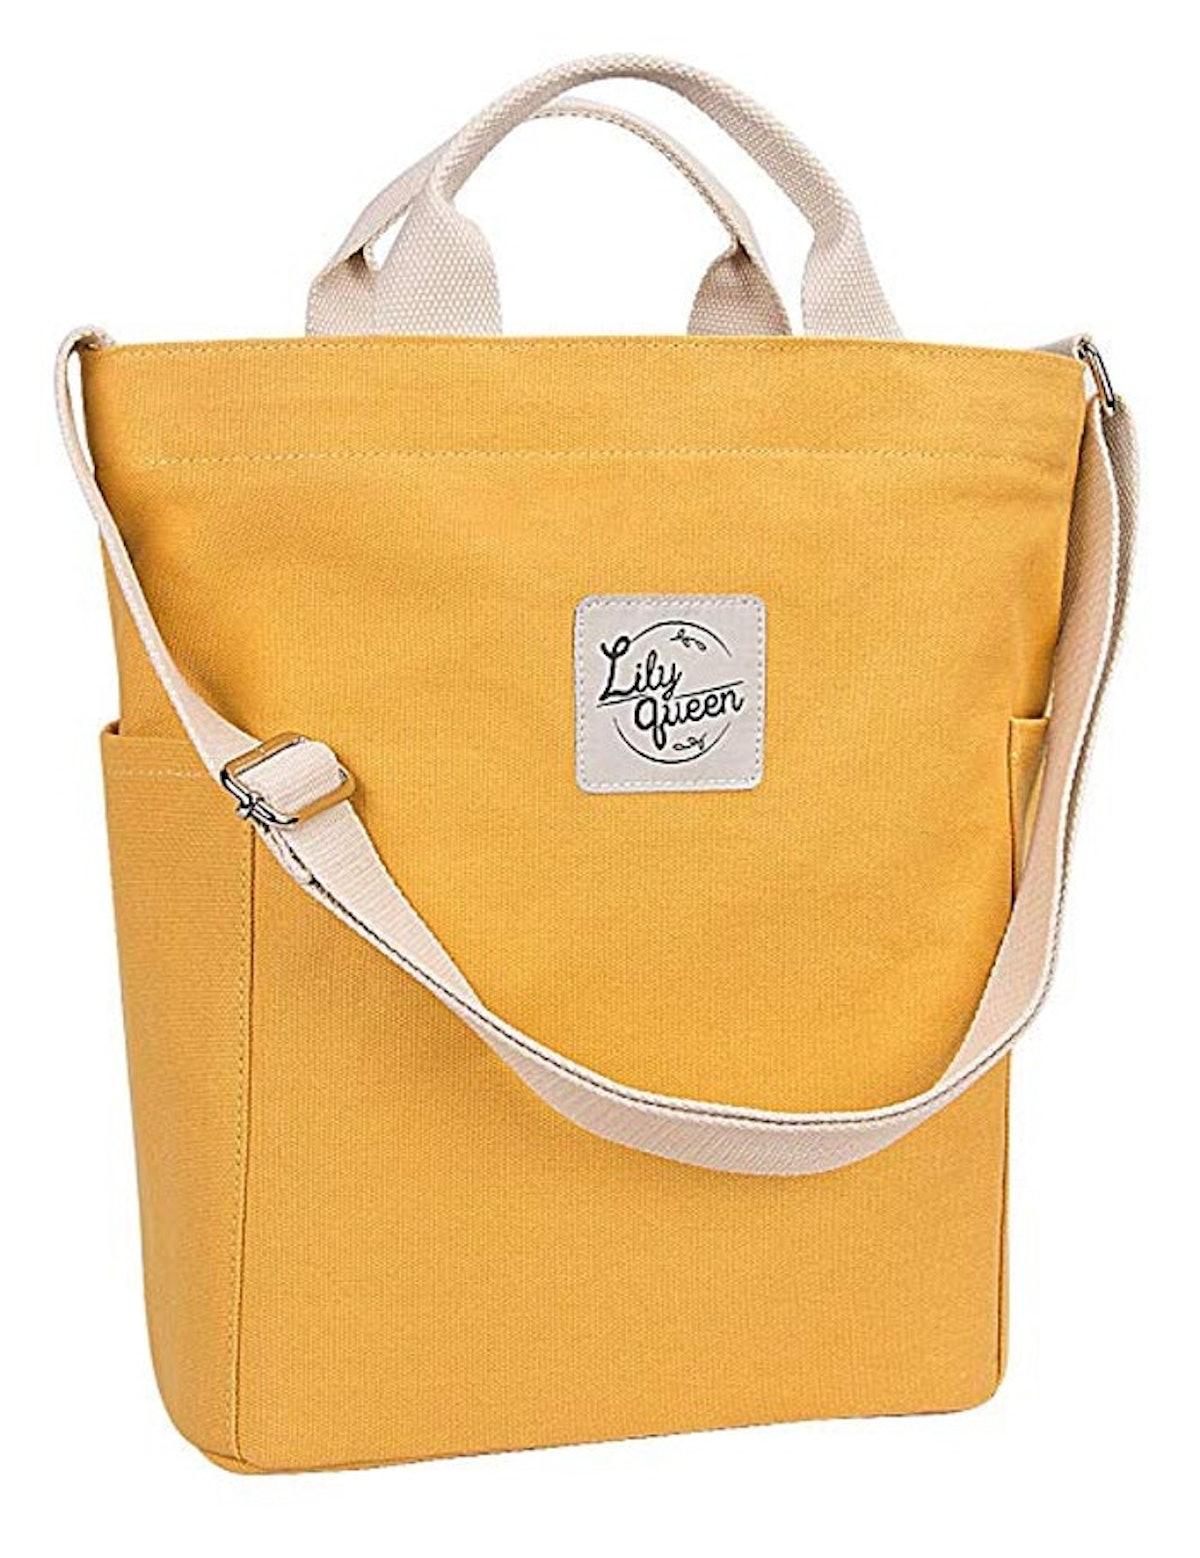 Lily Queen Women Canvas Tote Handbags